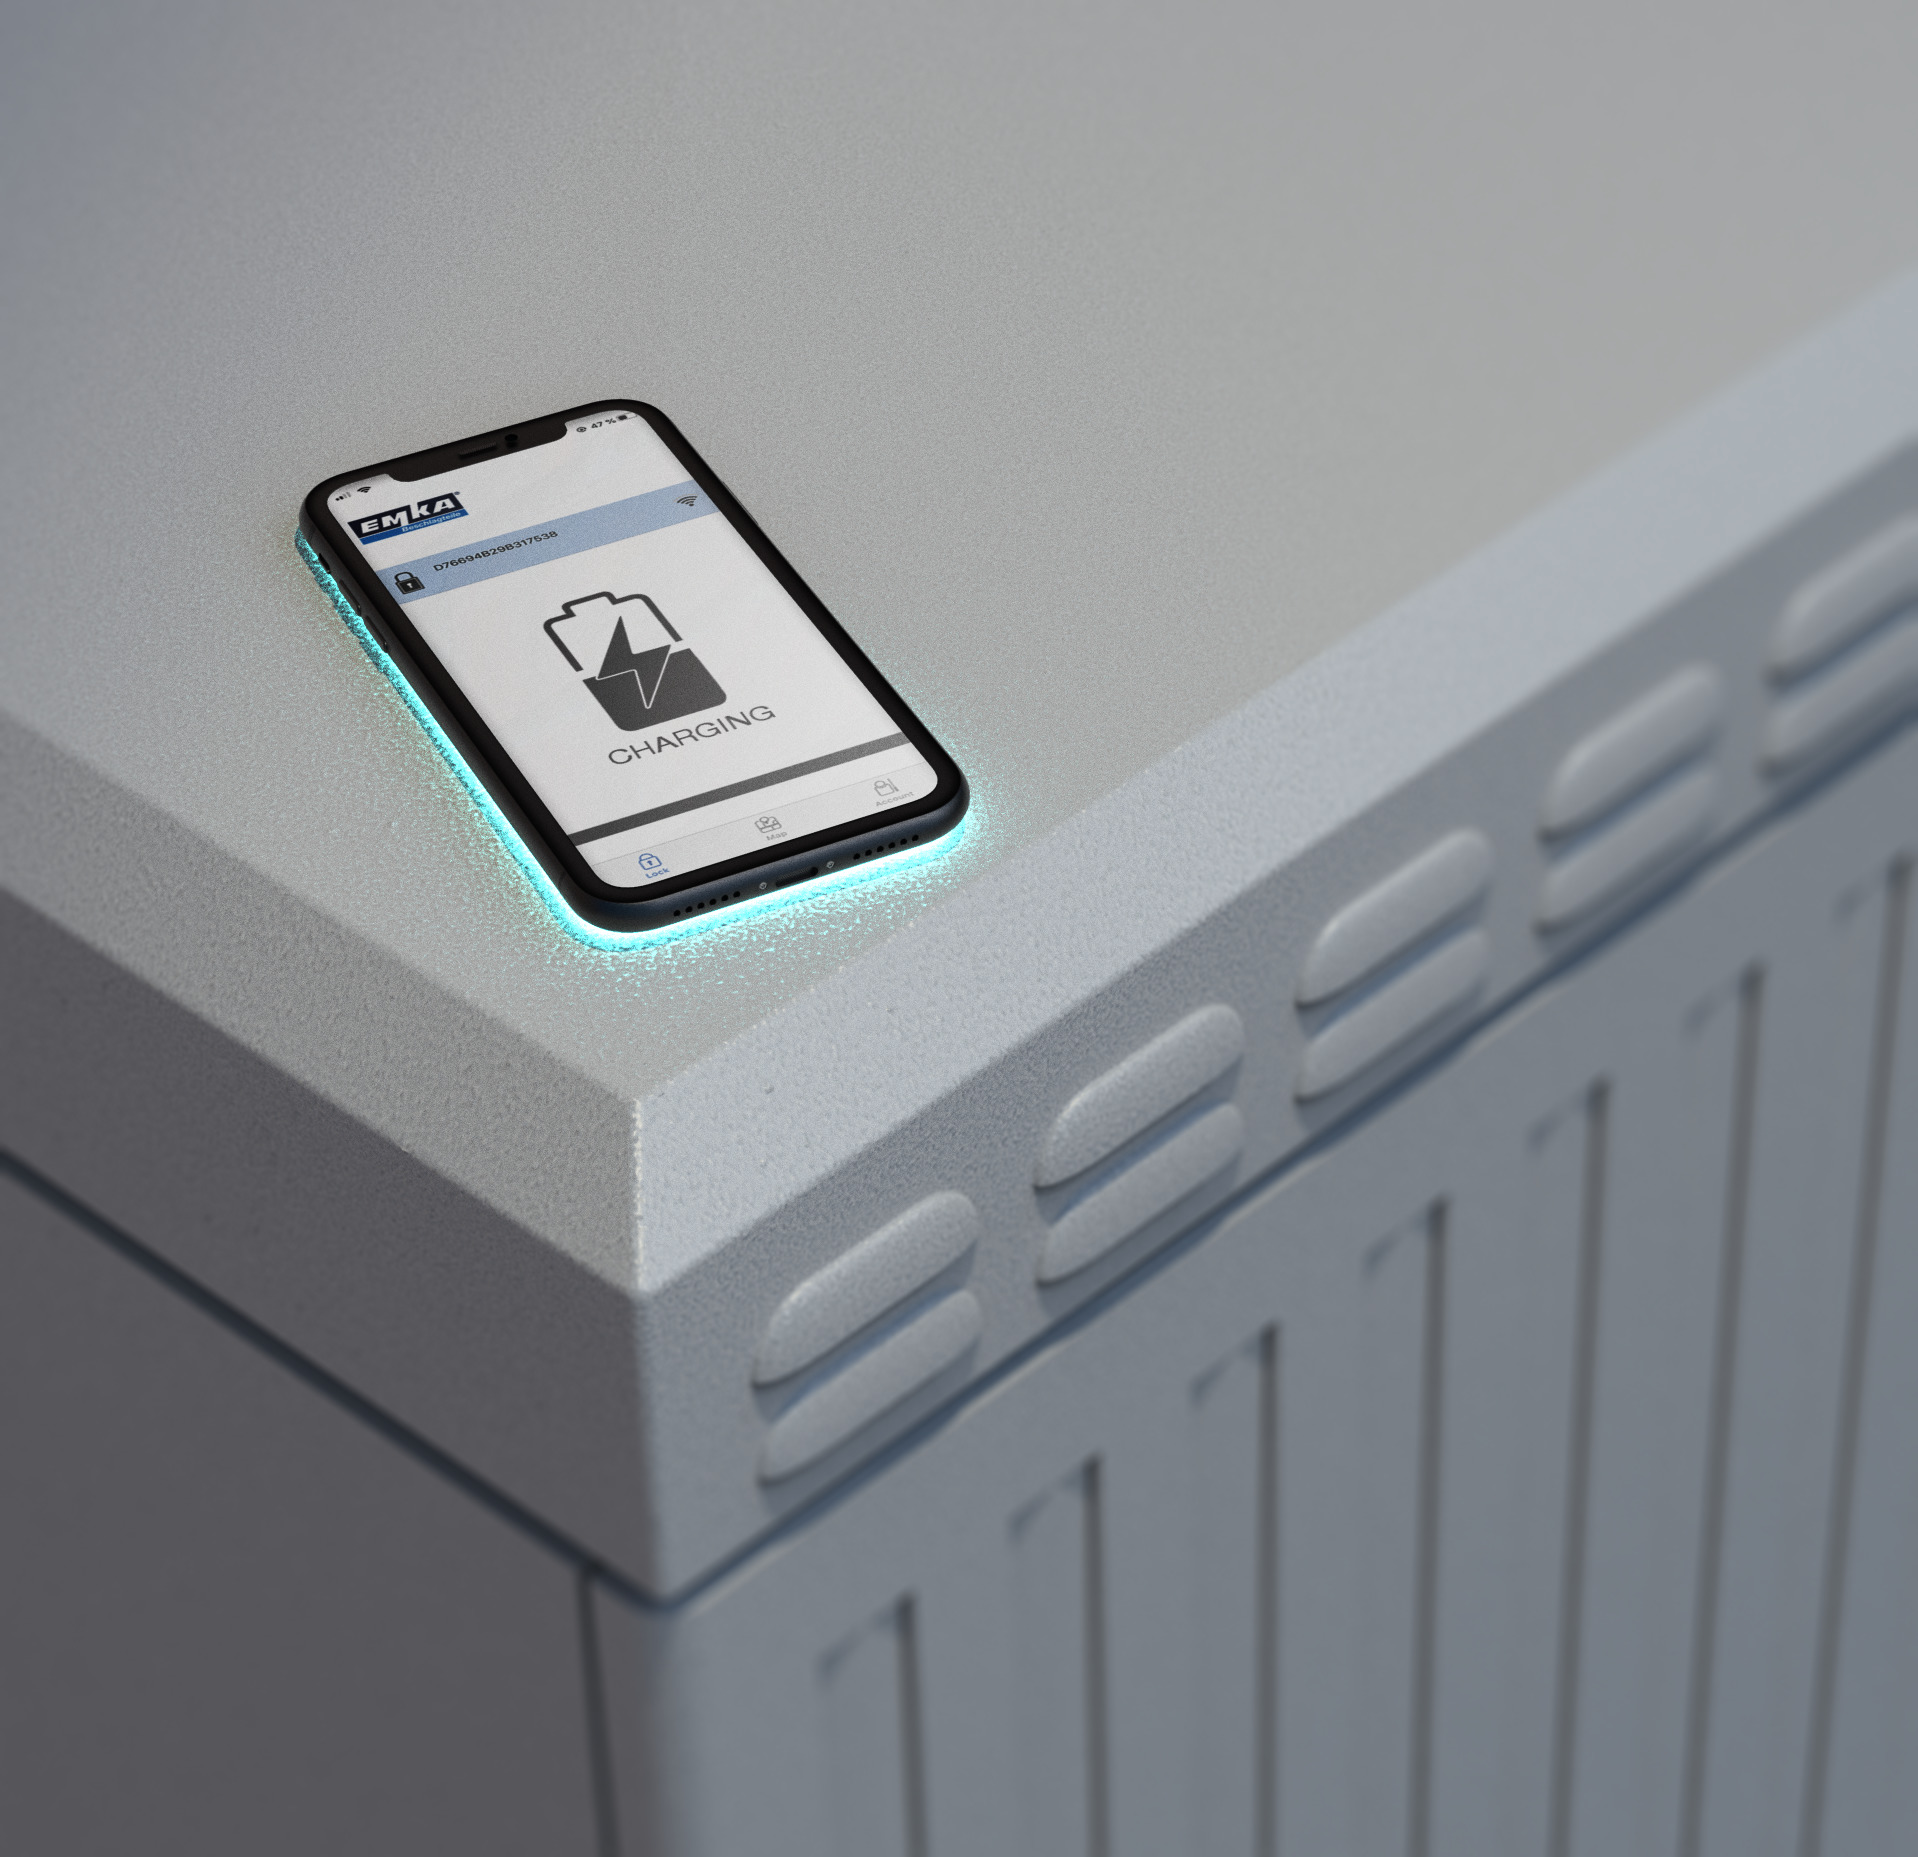 Speziell für Multifunktionsgehäuse im Outdoor-Bereich: Emkas neue Smartphone-basierte Zutrittskontrolle. (Bild: Emka Beschlagteile GmbH & Co. KG)